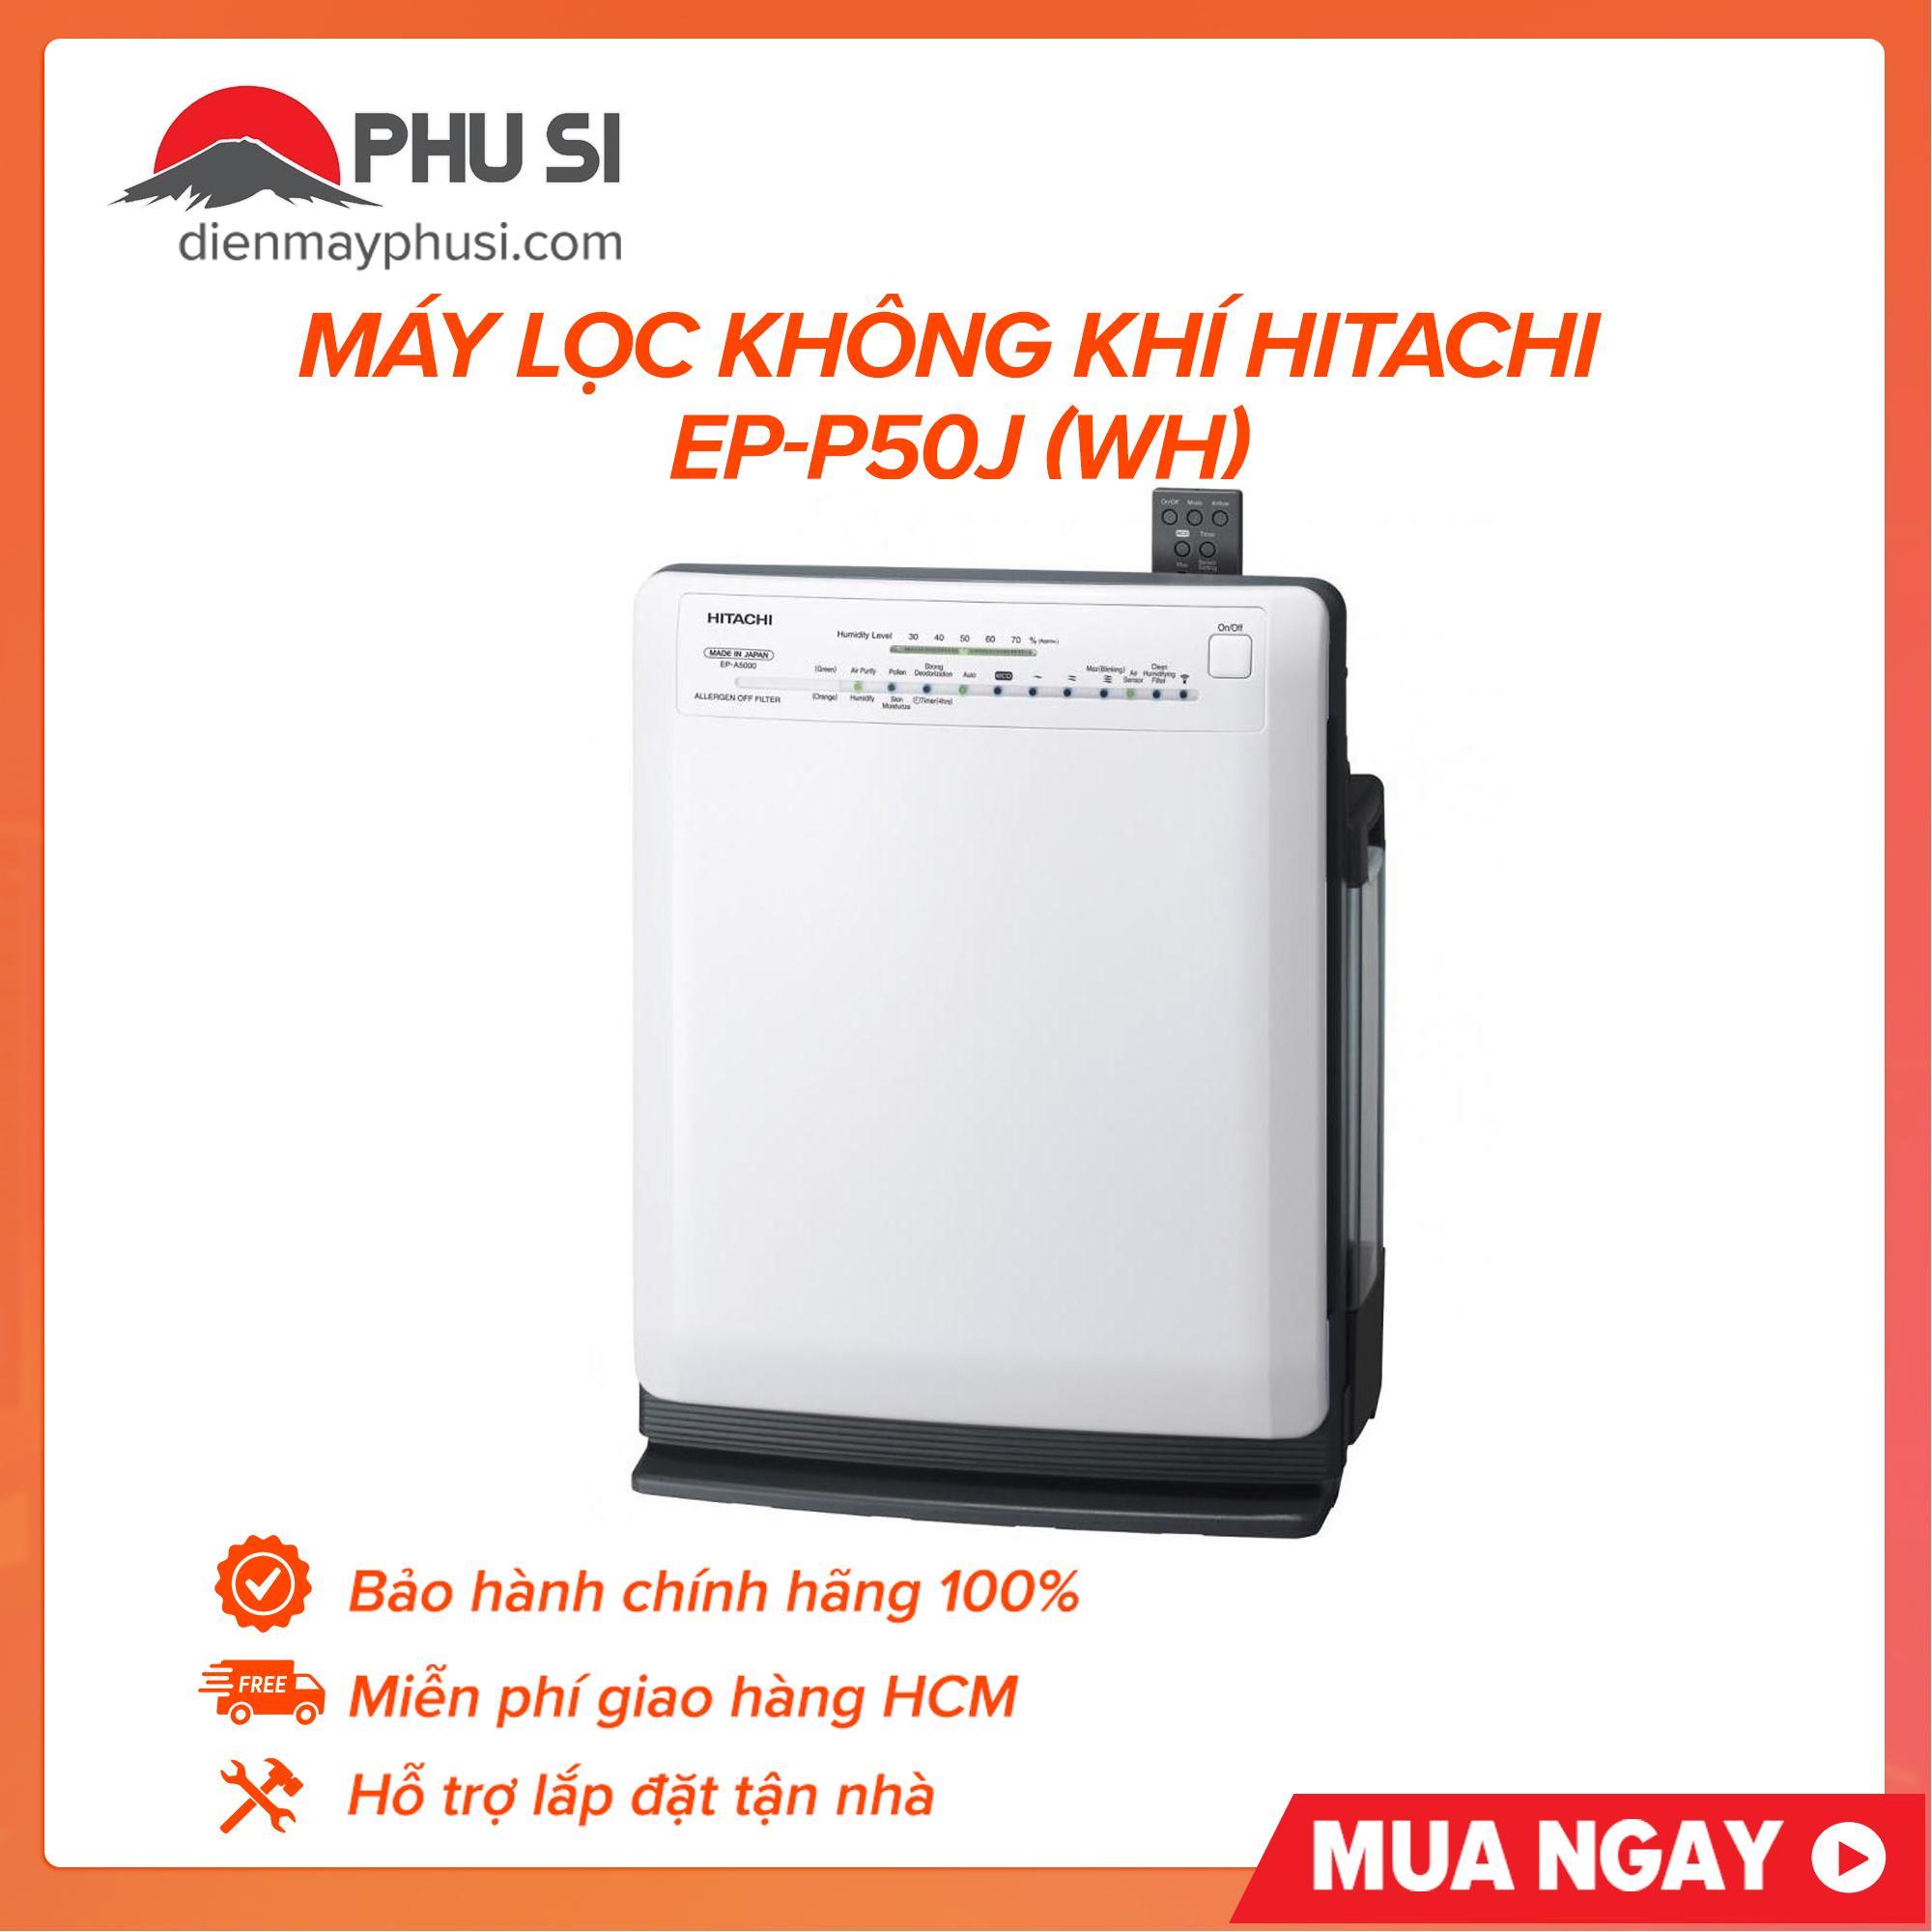 Bảng giá Máy Lọc Không Khí Hitachi EP-P50J (WH)